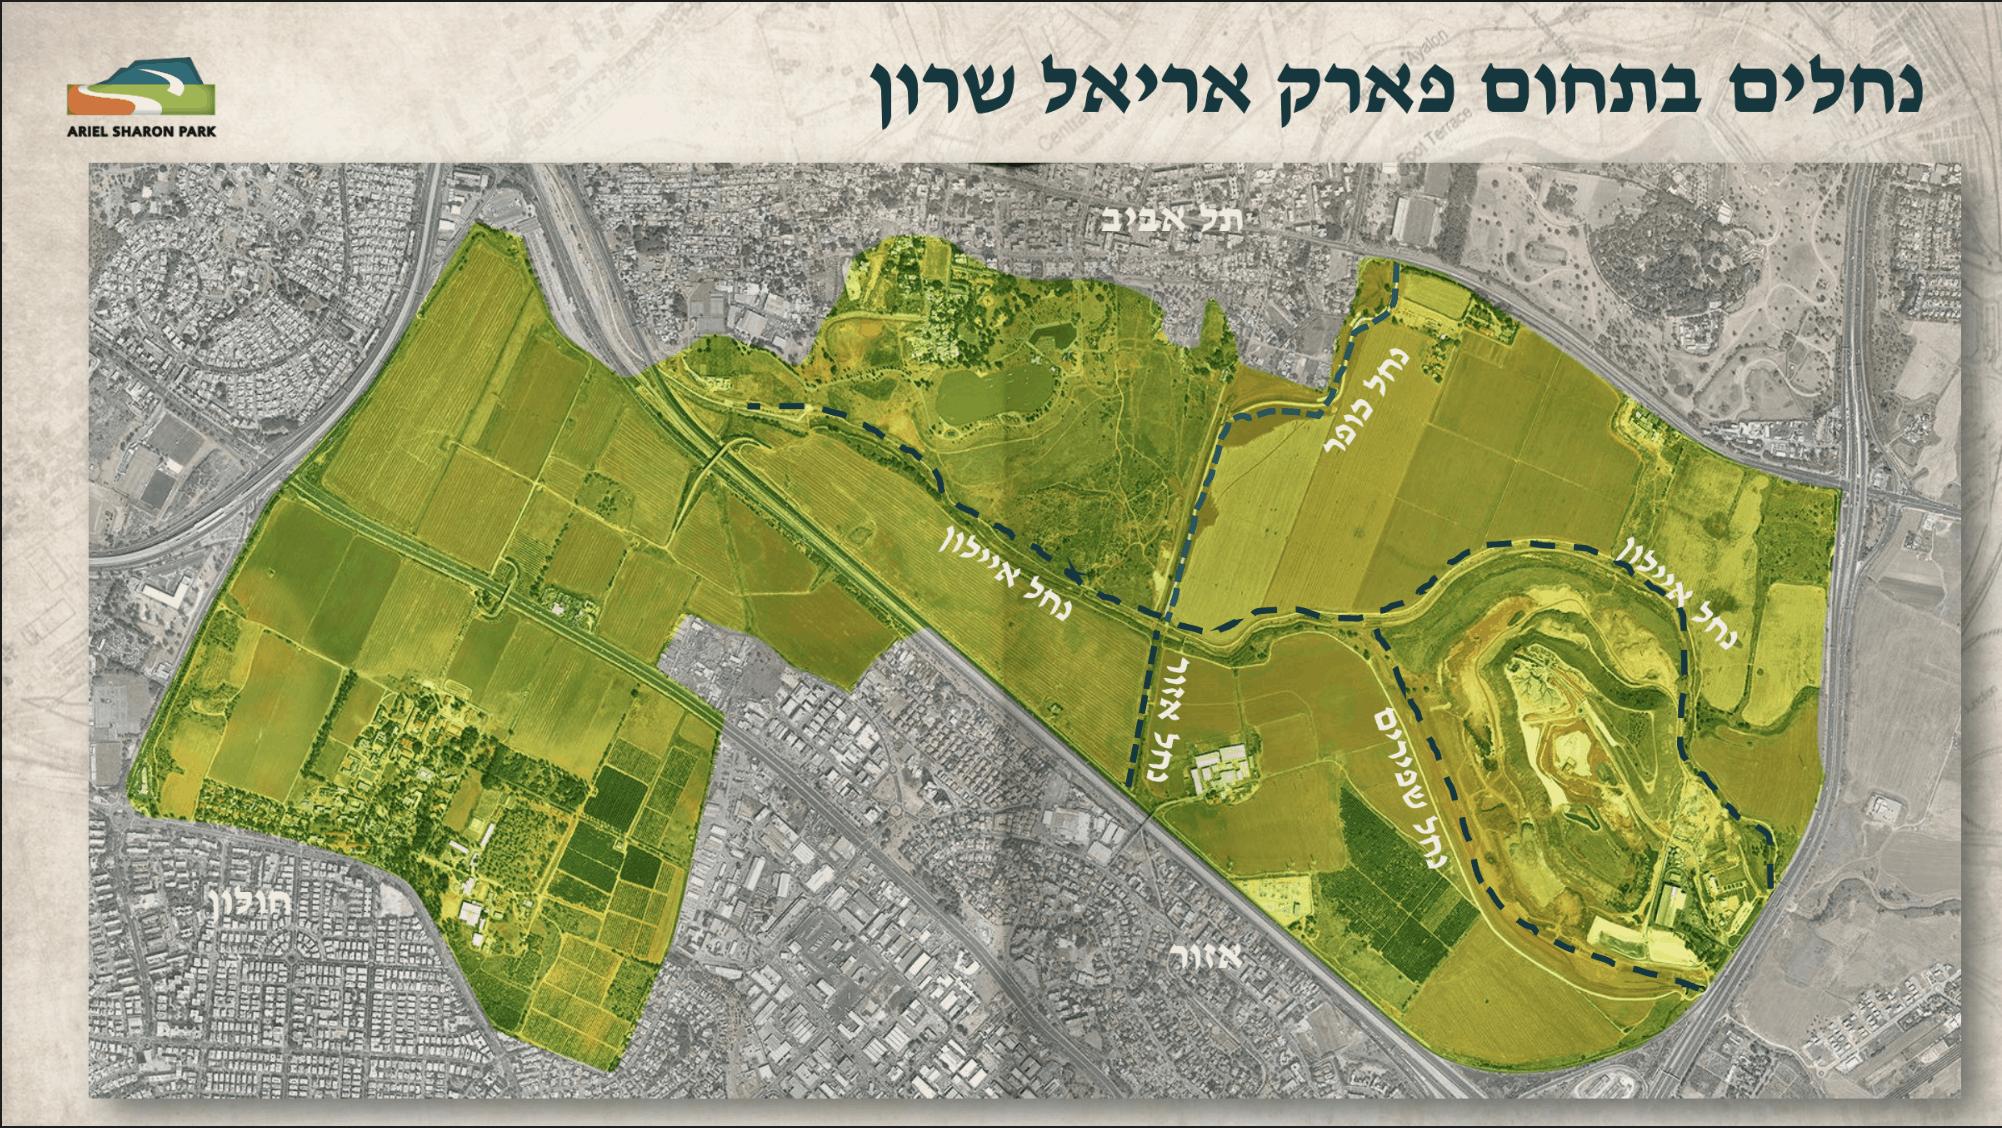 חלק מרכזי בפארק מתוכנן לשמש פשט הצפה של נחל איילון (מתוך מצגת של פארק אריאל שרון)